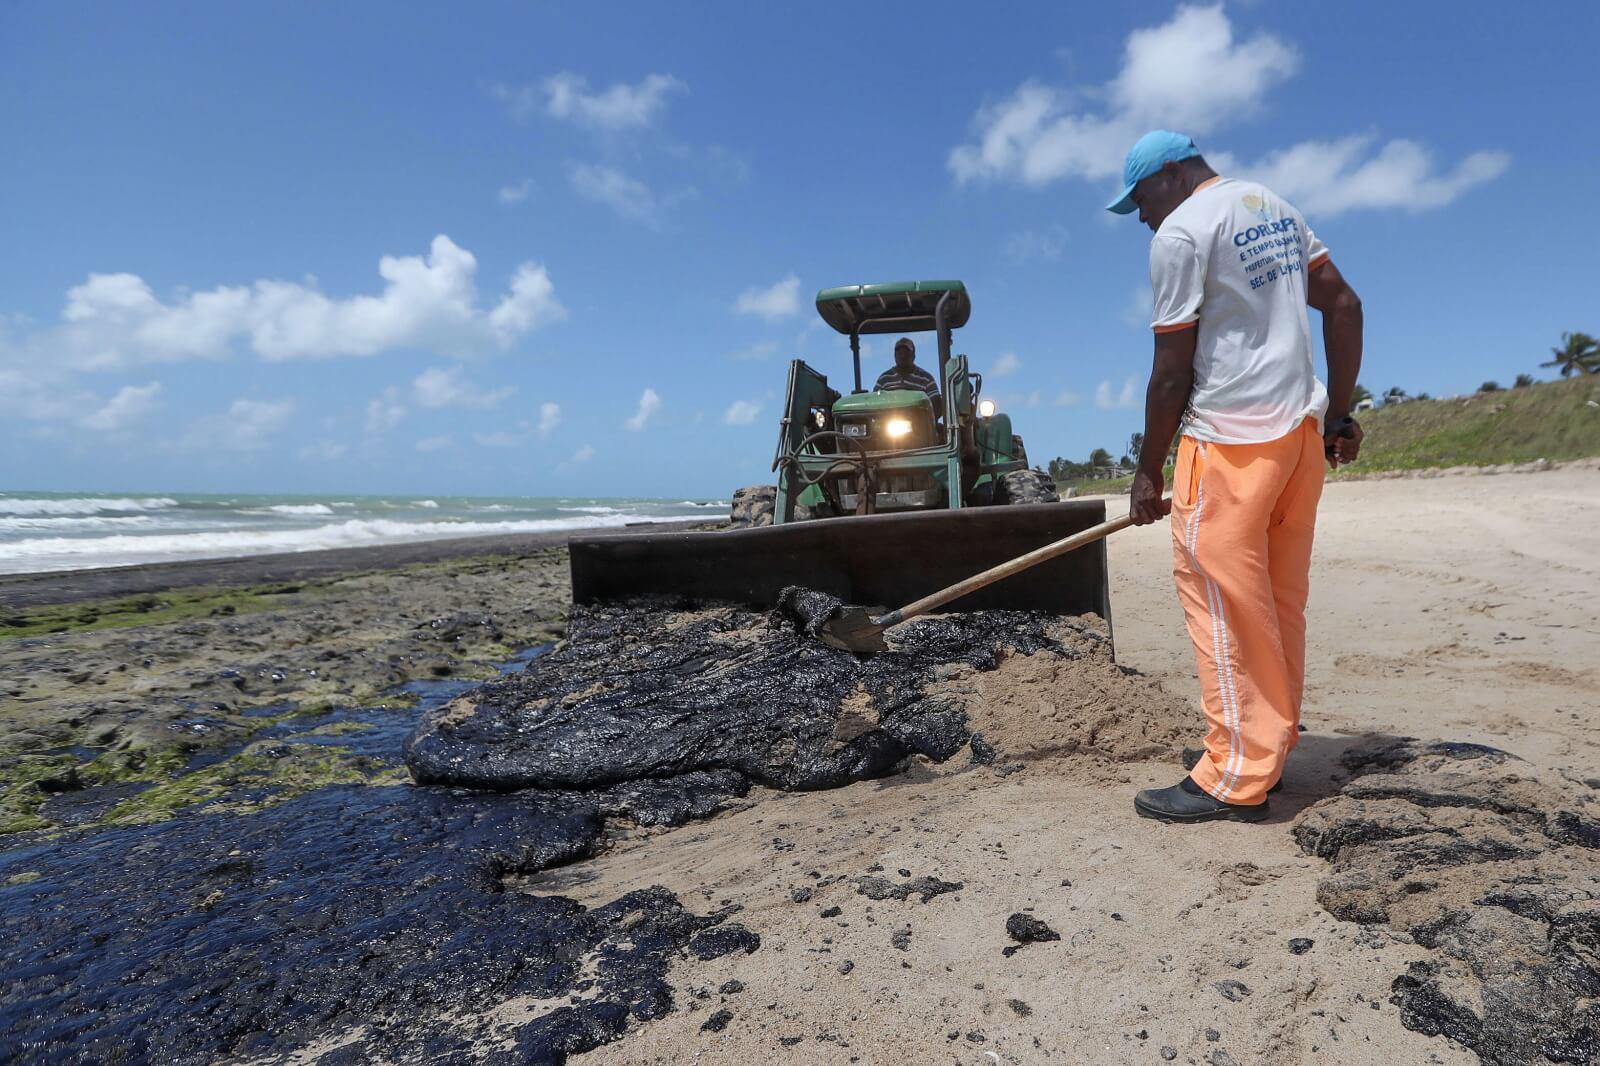 Zanieczyszczenie ropą w Brazylii fot. EPA/Carlos Ezequiel Vannoni